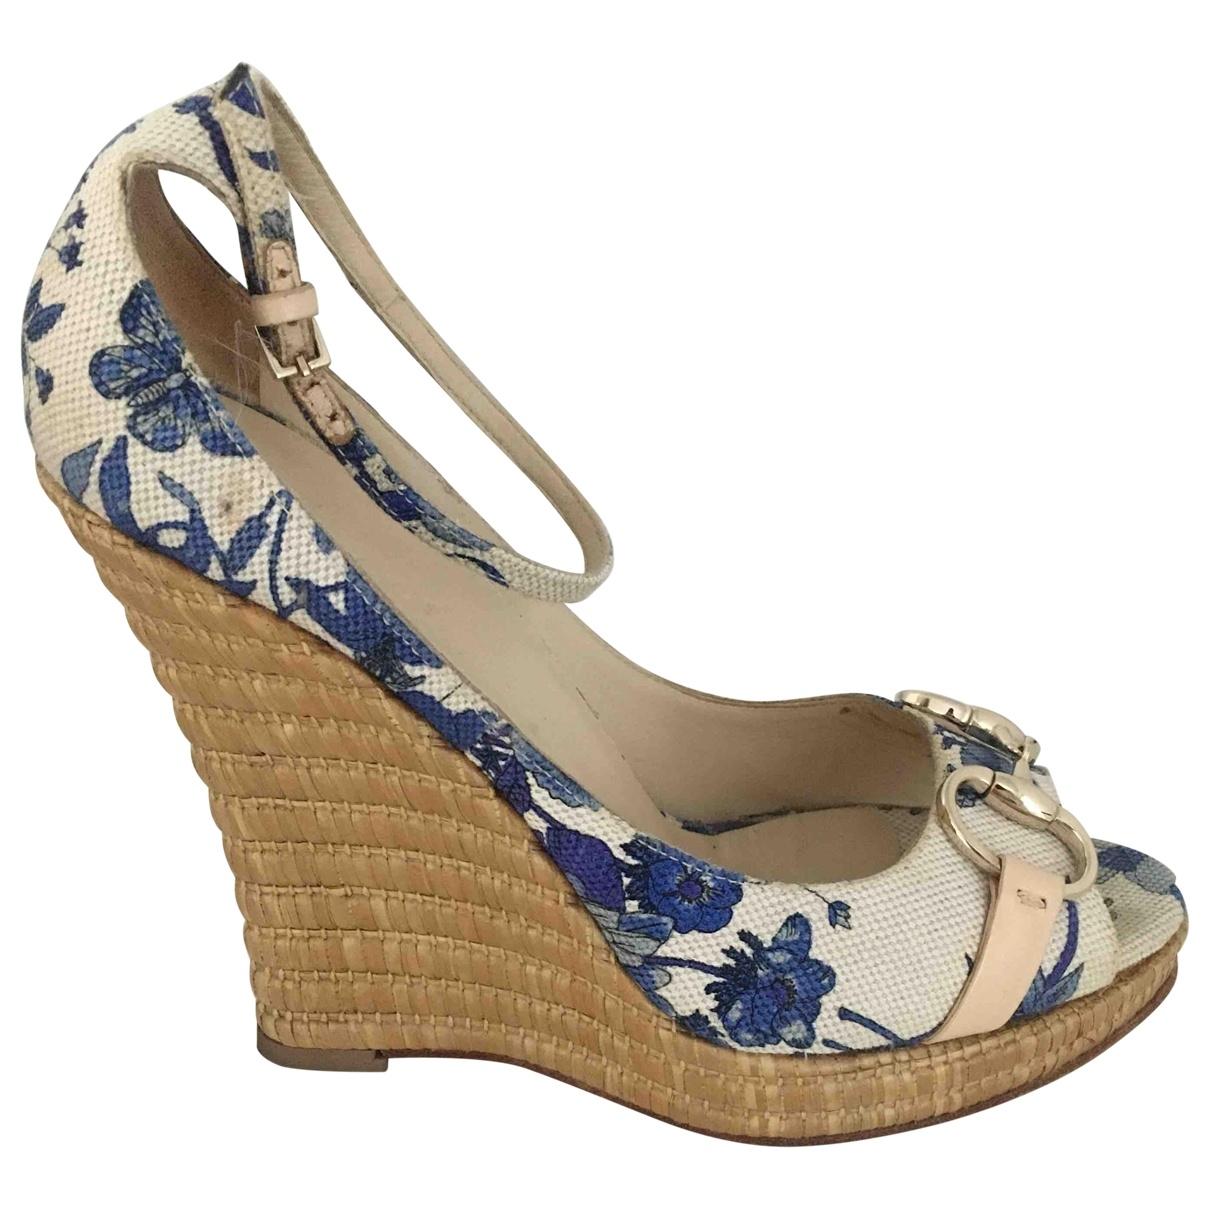 Gucci - Sandales   pour femme en toile - bleu